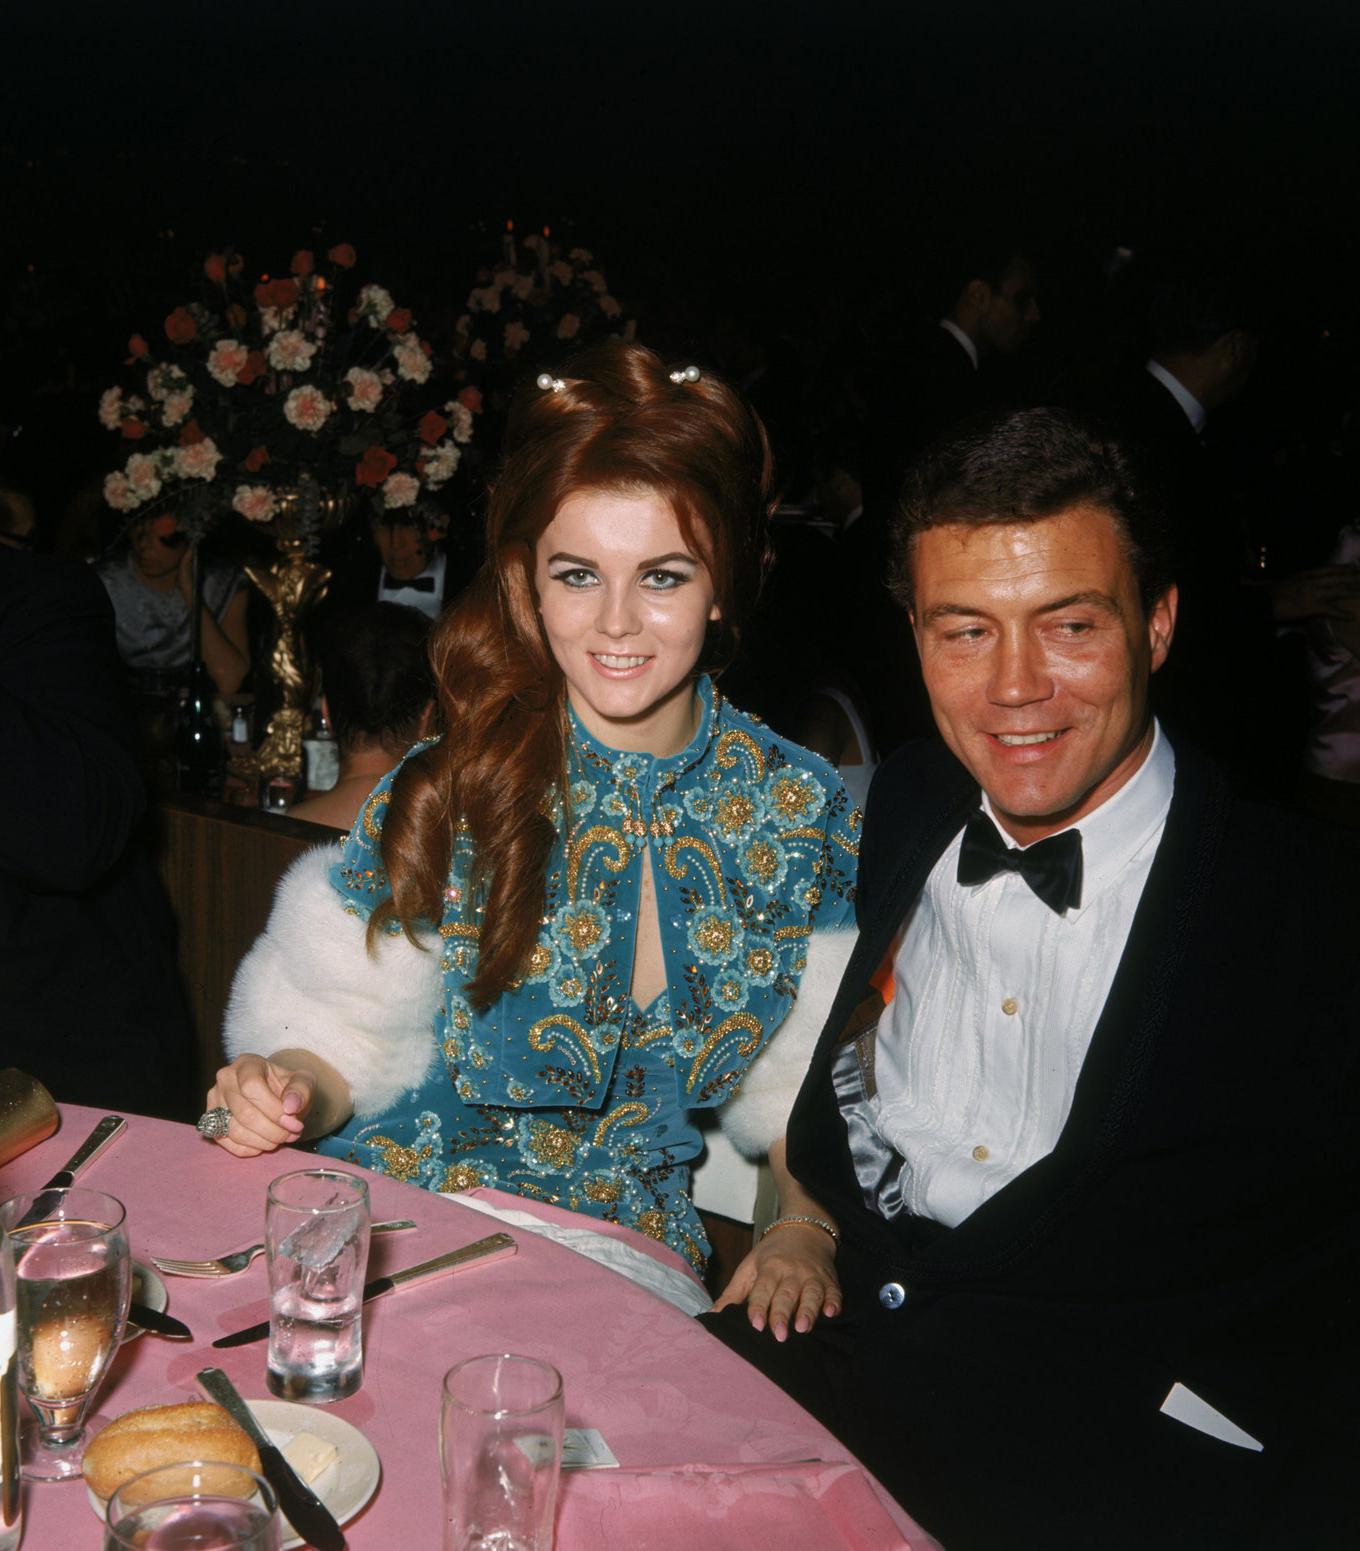 Năm 1965, trong bộ áo váy màu xanh diễn viên Ann-Margret cùng chồng Roger Smith tới dự lễ trao giải.